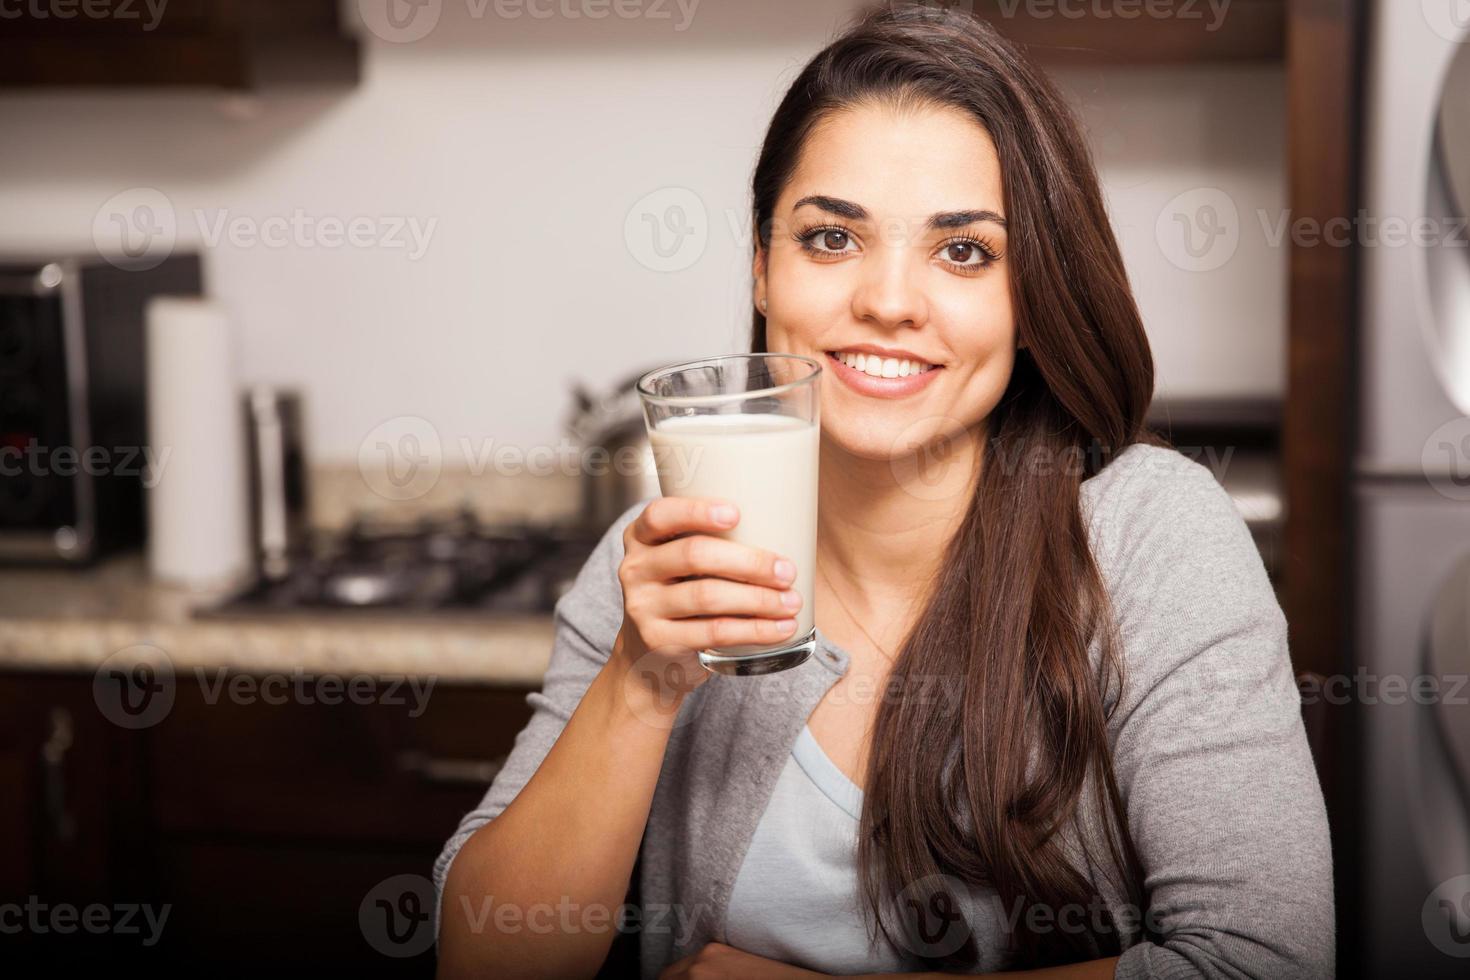 ik hou van het drinken van melk foto